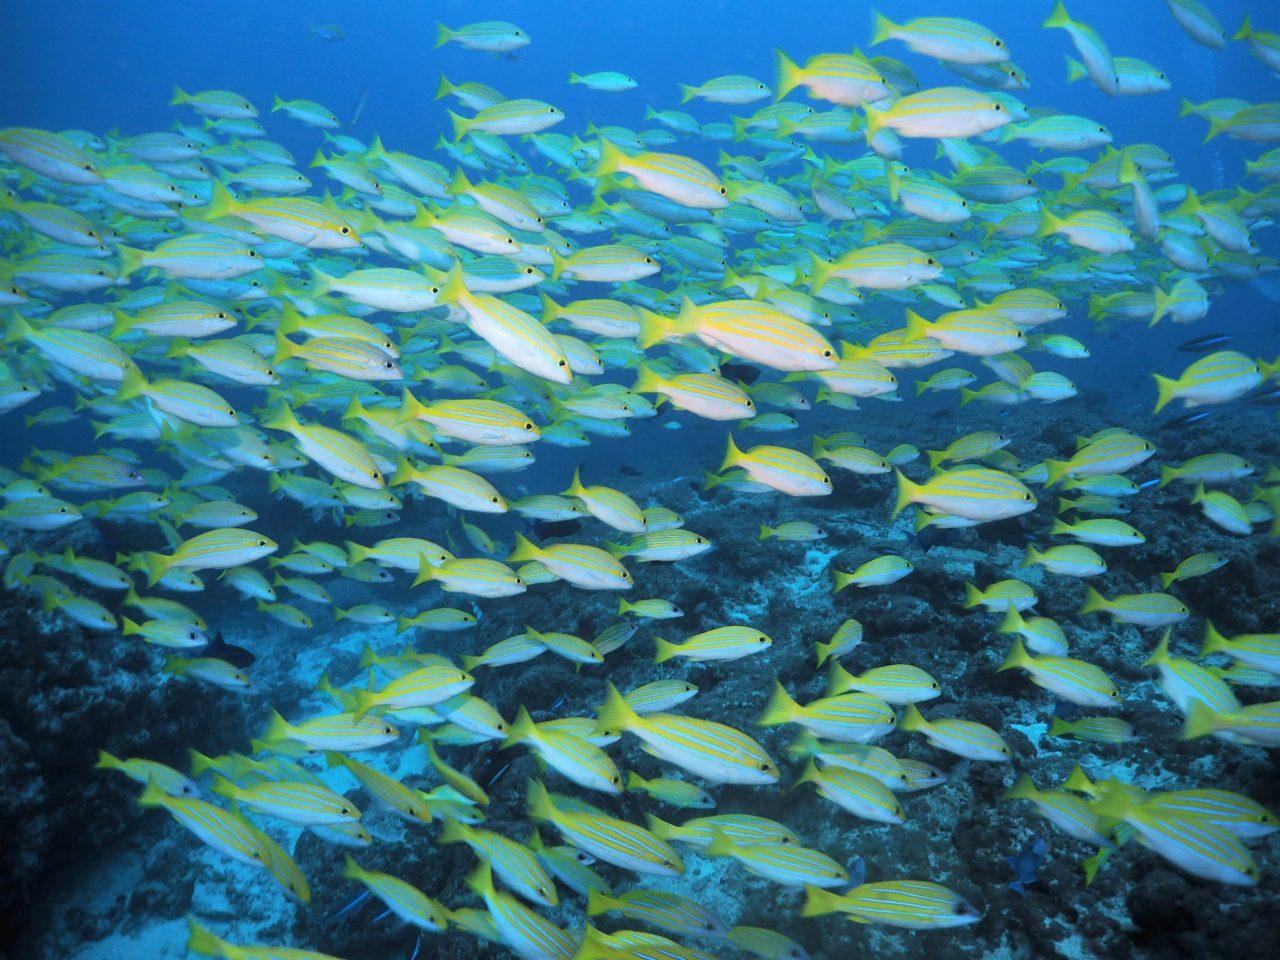 モルディブ・アリ環礁のフィッシュ・ヘッドで群れるベンガルスナッパーと並走